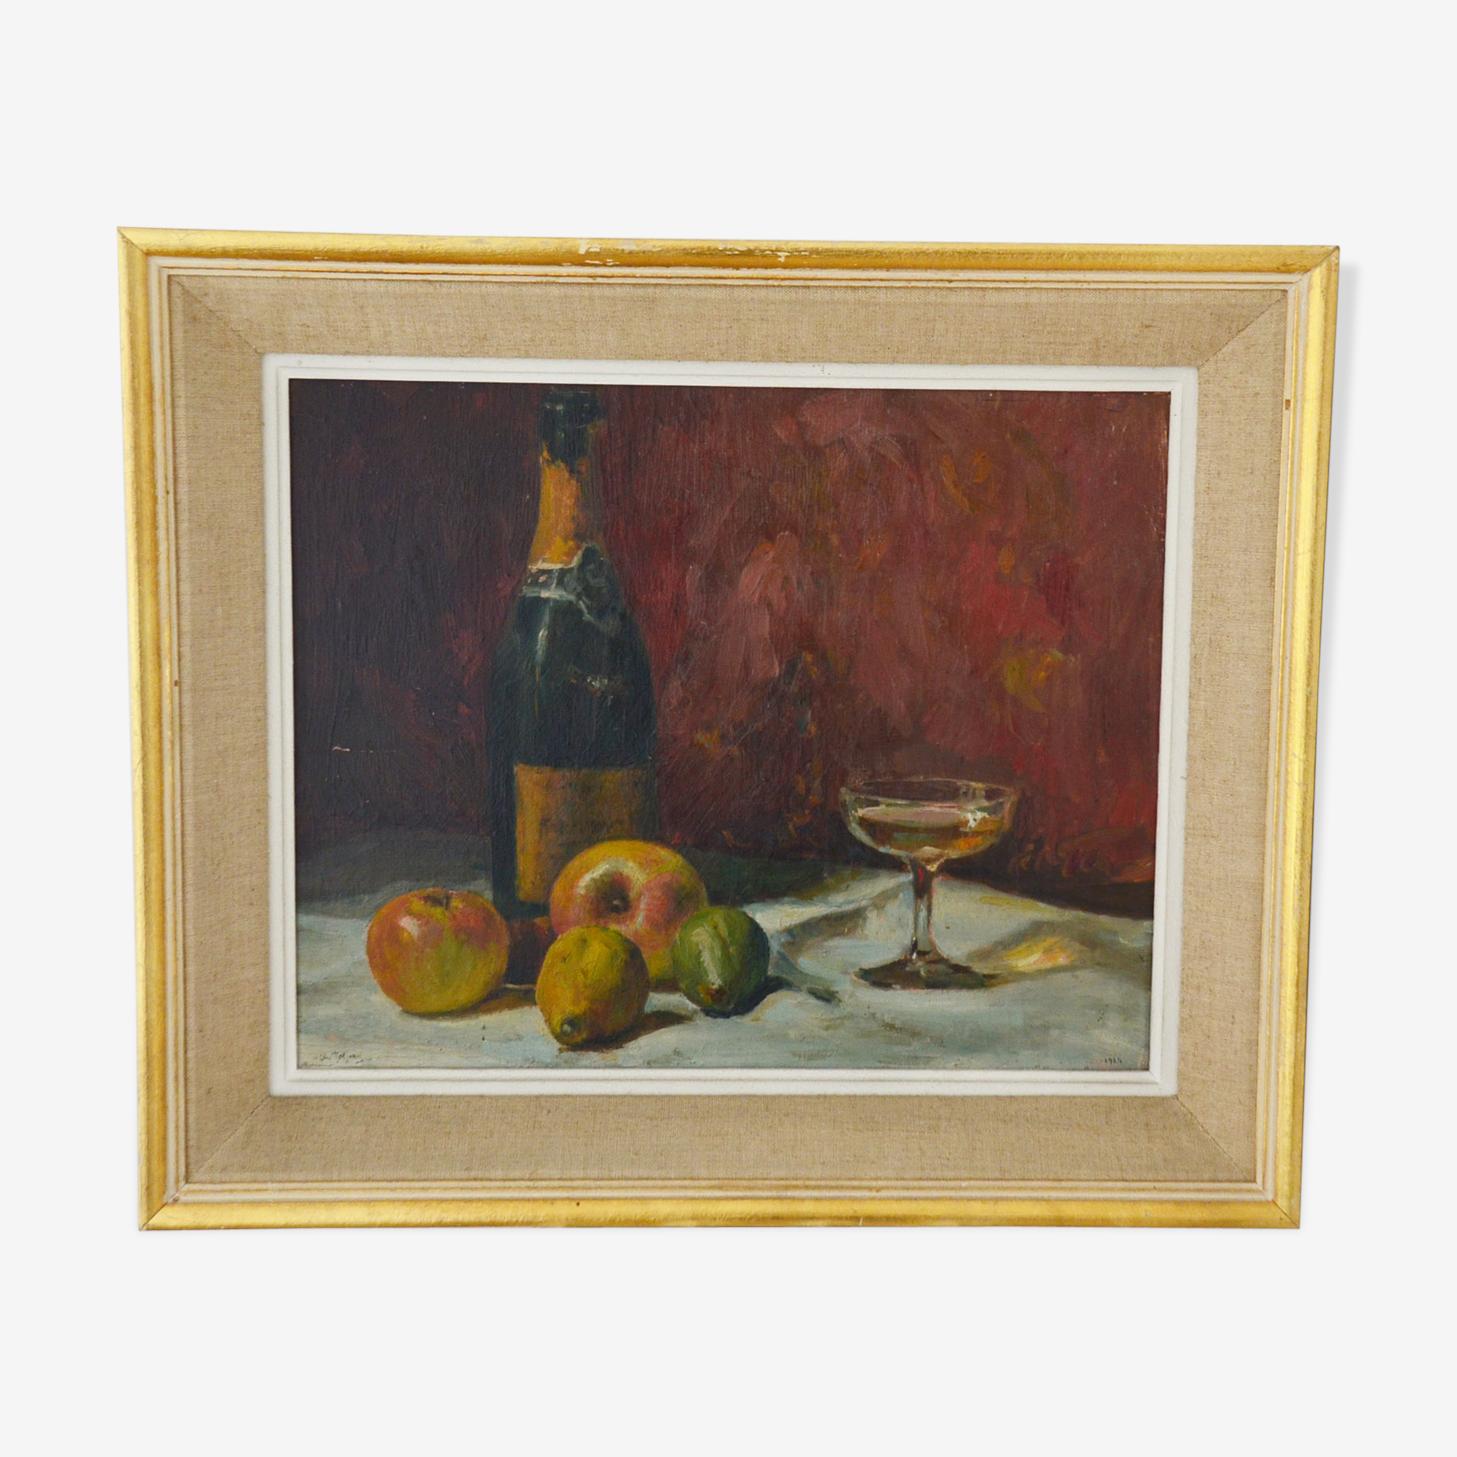 Peinture nature morte huile sur panneau signée Charles Jaffeux 1924